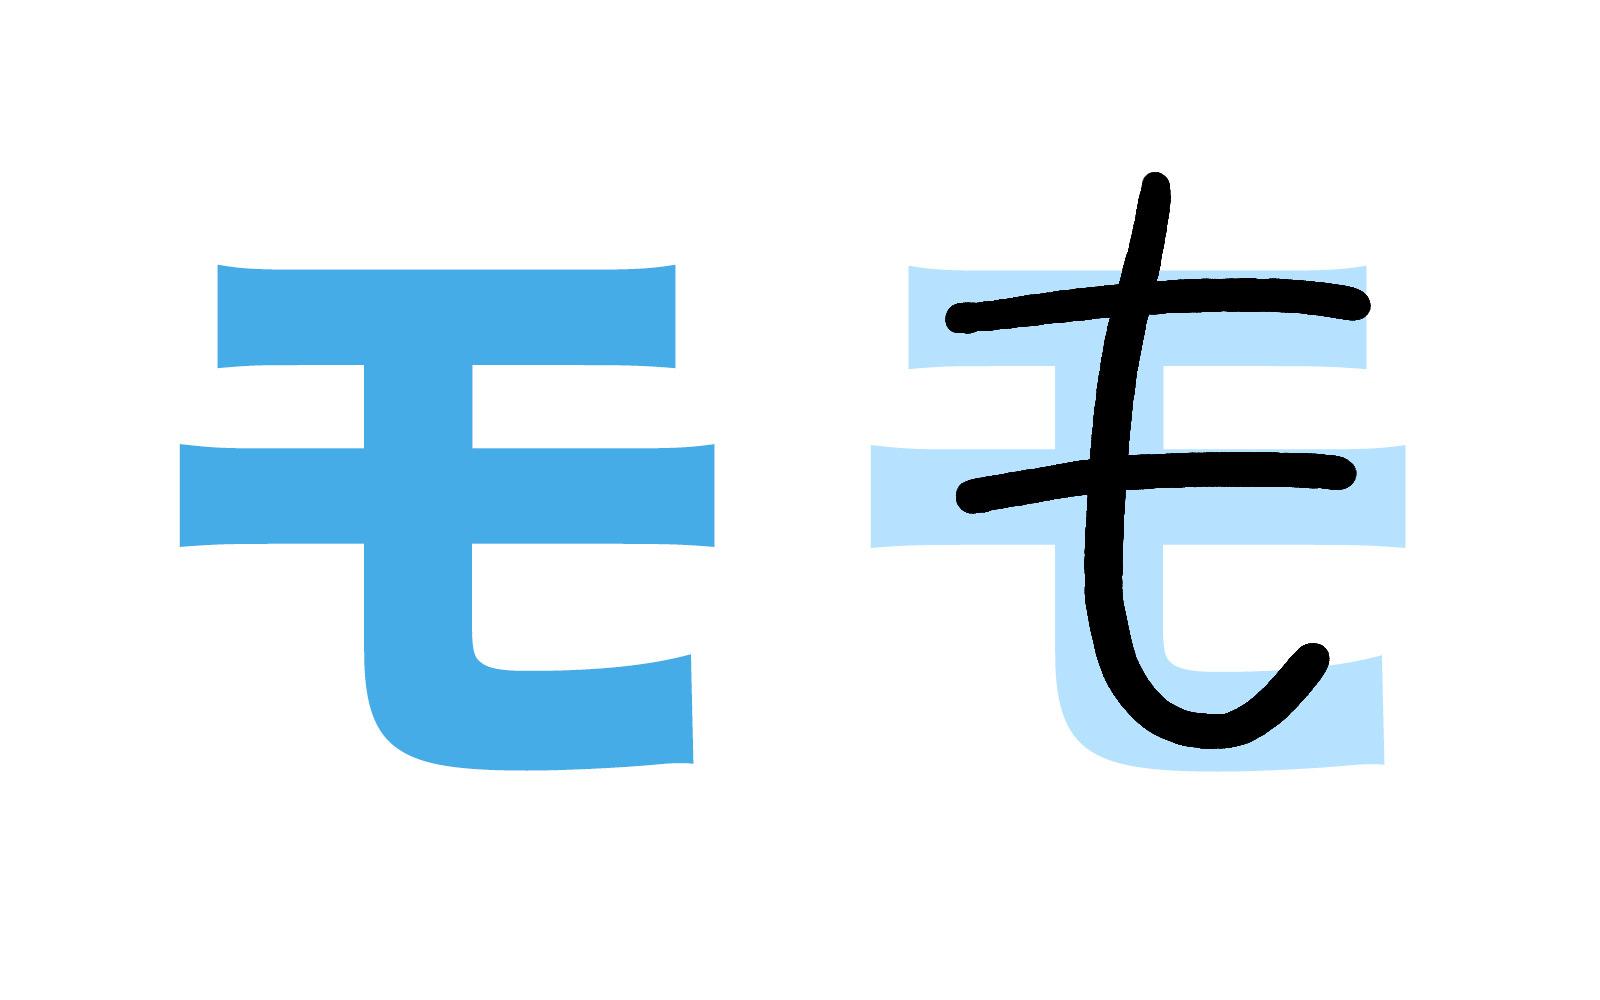 Katakana character モ mnemonic